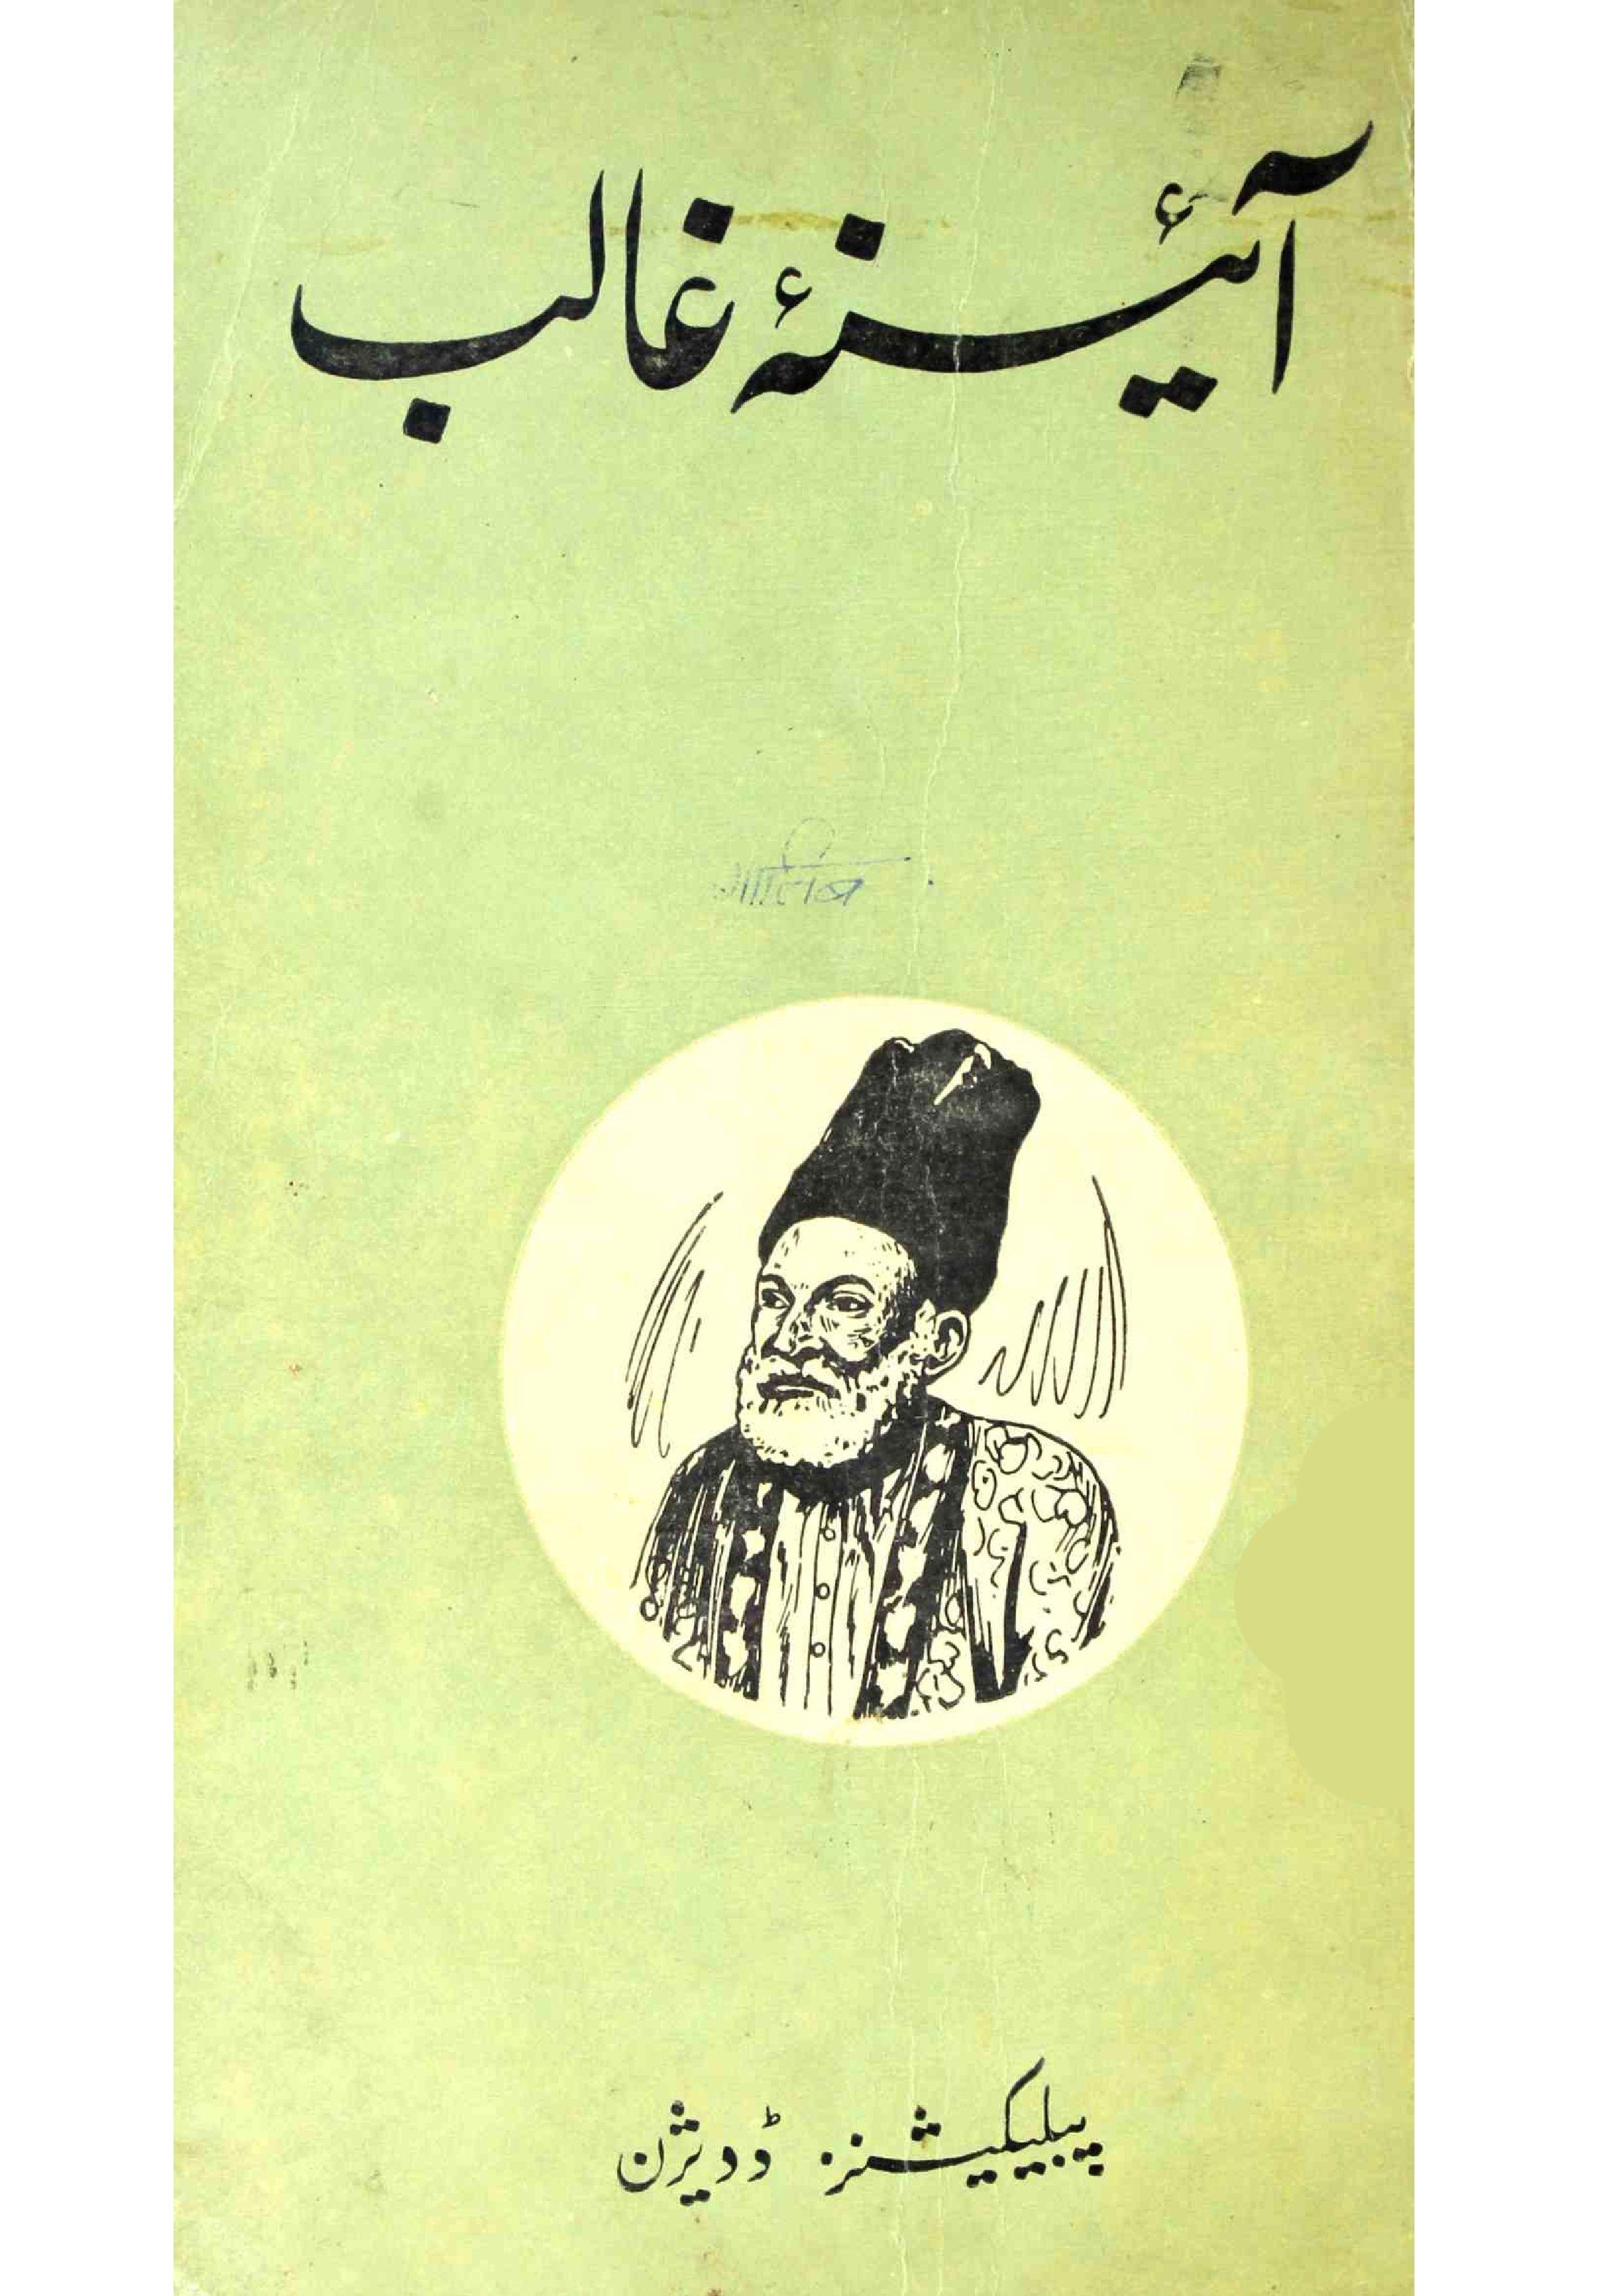 Ayina-e-Ghalib